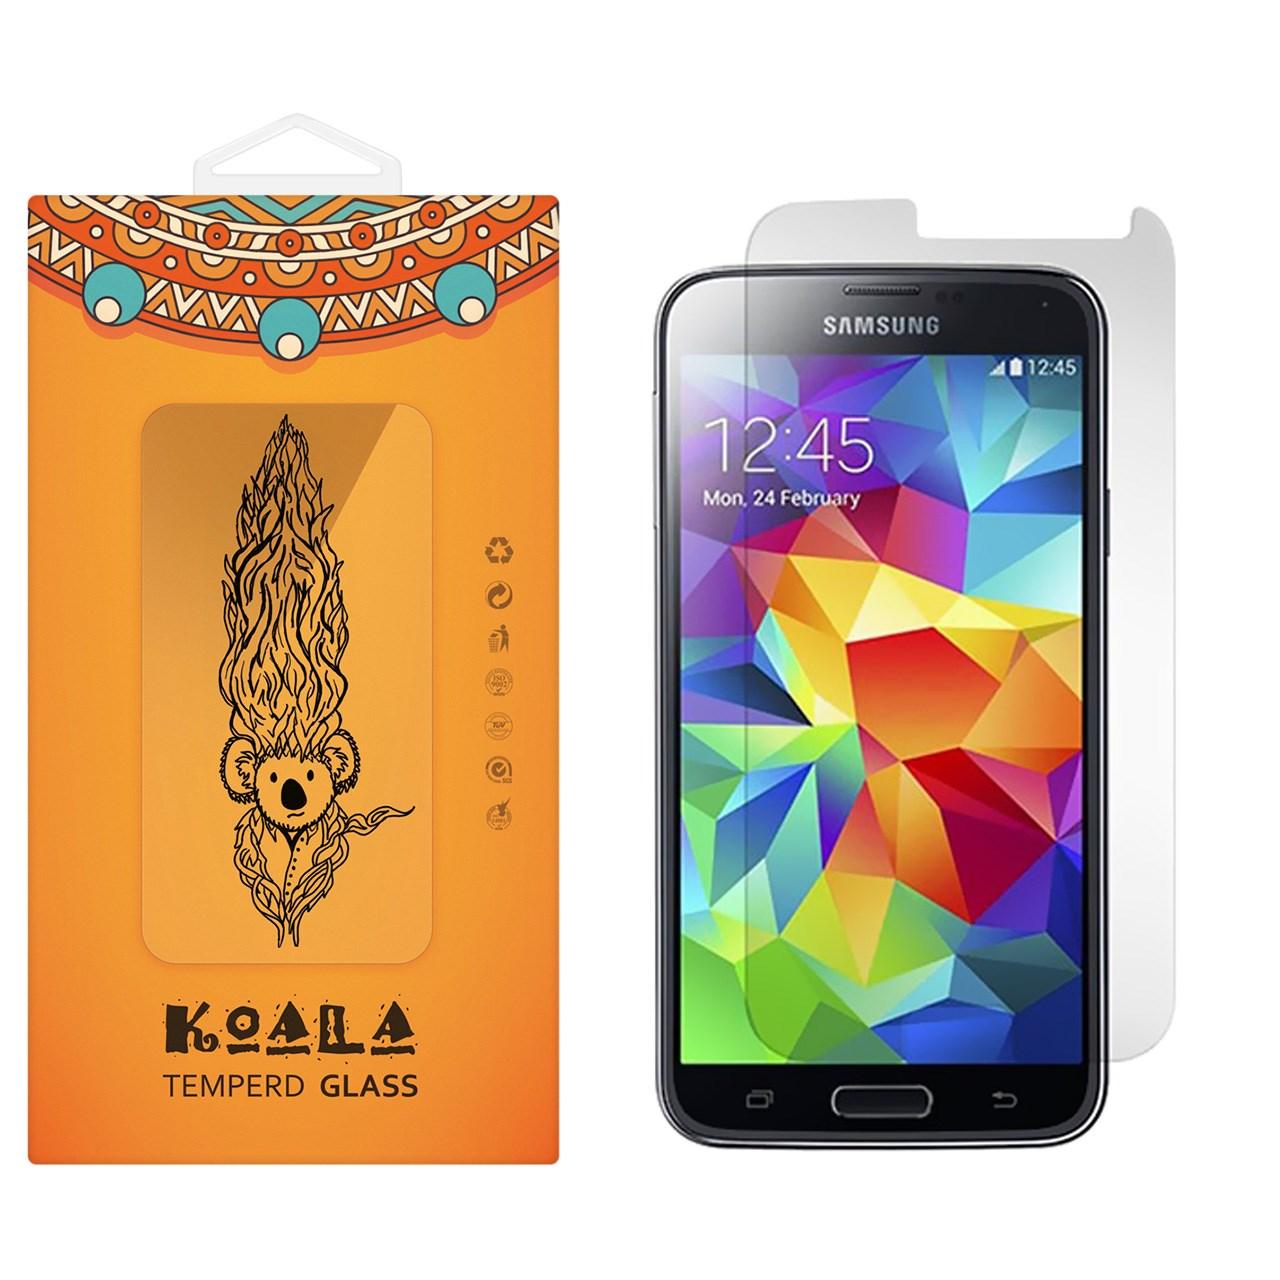 محافظ صفحه نمایش شیشه ای کوالا مدل Tempered مناسب برای گوشی موبایل سامسونگ Galaxy S5